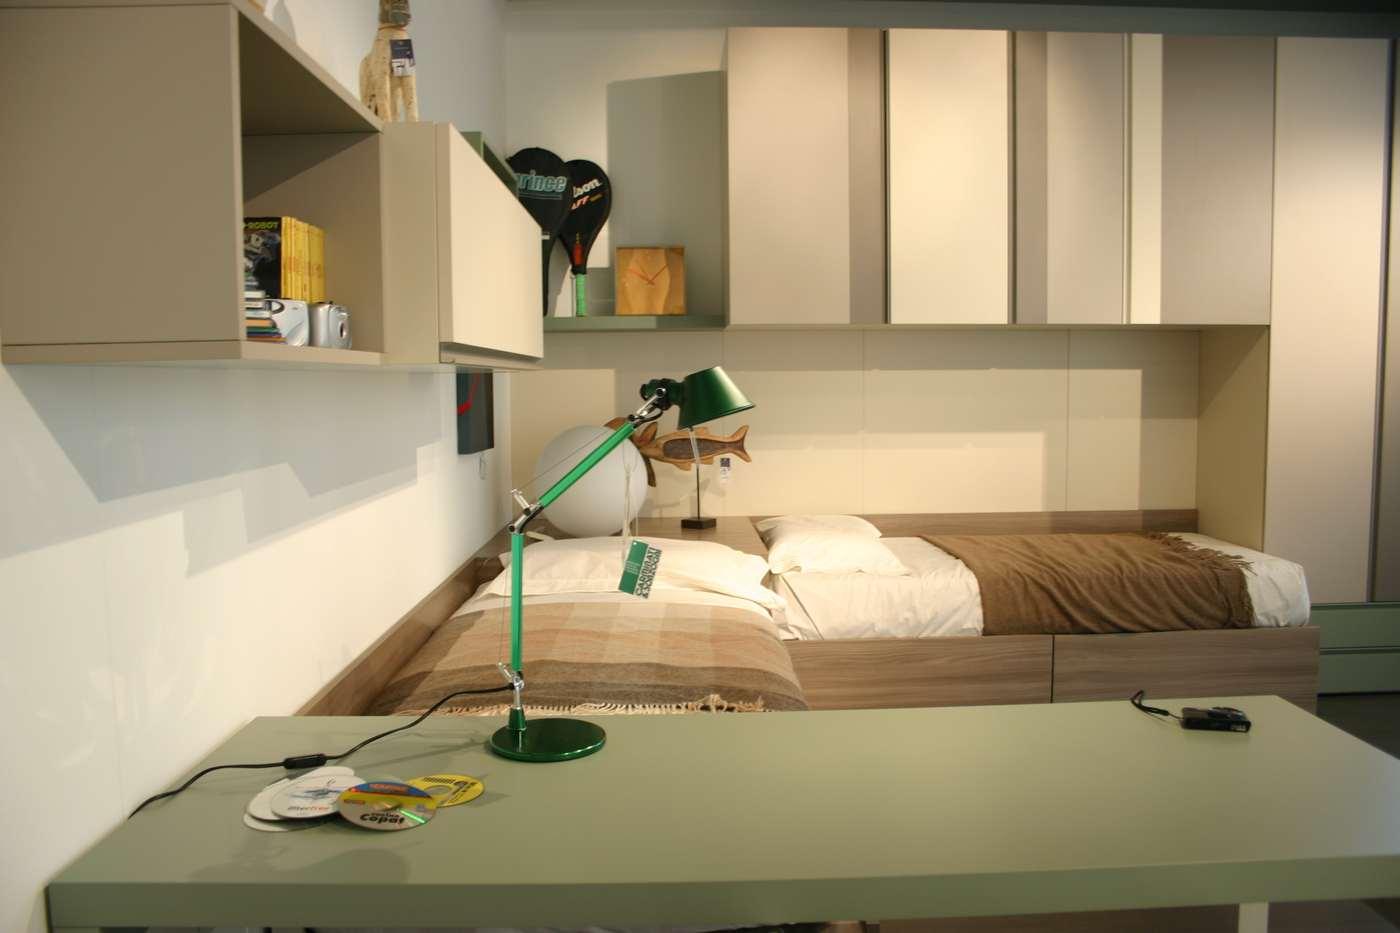 cameretta Clever con armadio a ponte, scrivania, letti, mensole, in vendita nel nostro negozio di Zogno, Bergamo, consegne anche a Milano